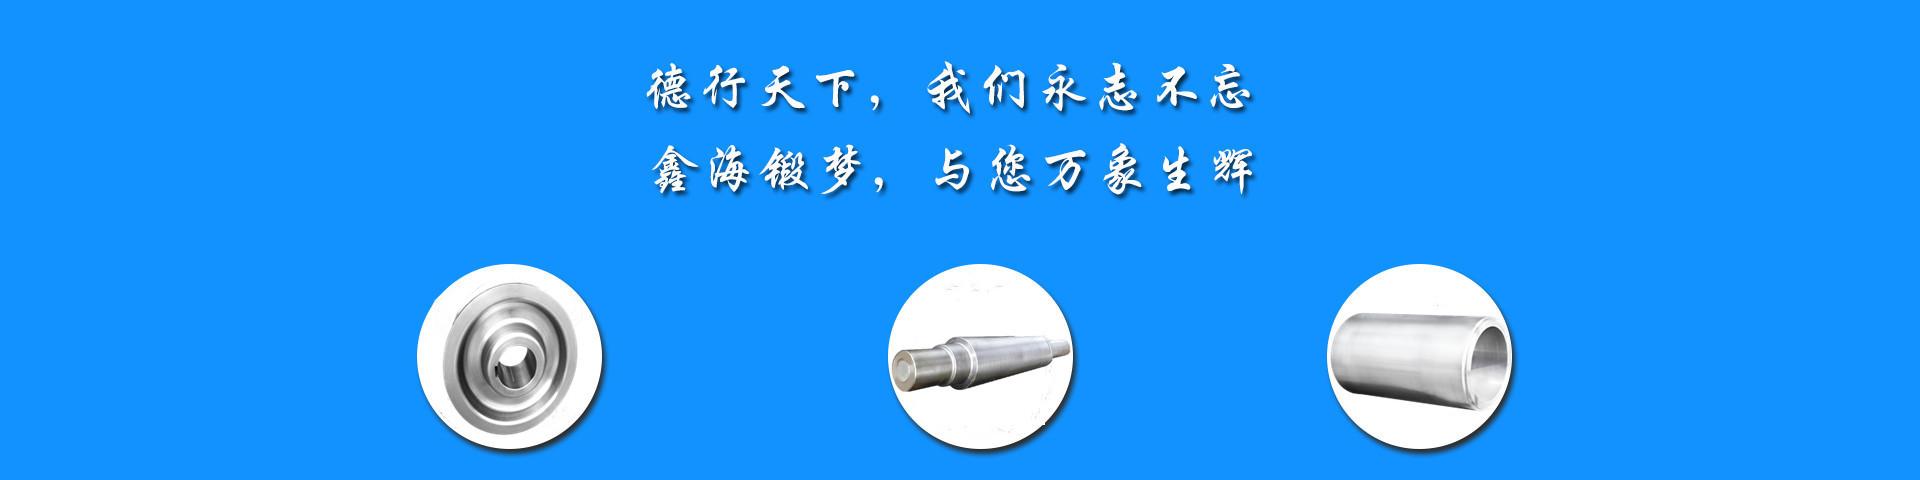 山西永鑫生万博manbetx官网手机版登陆厂